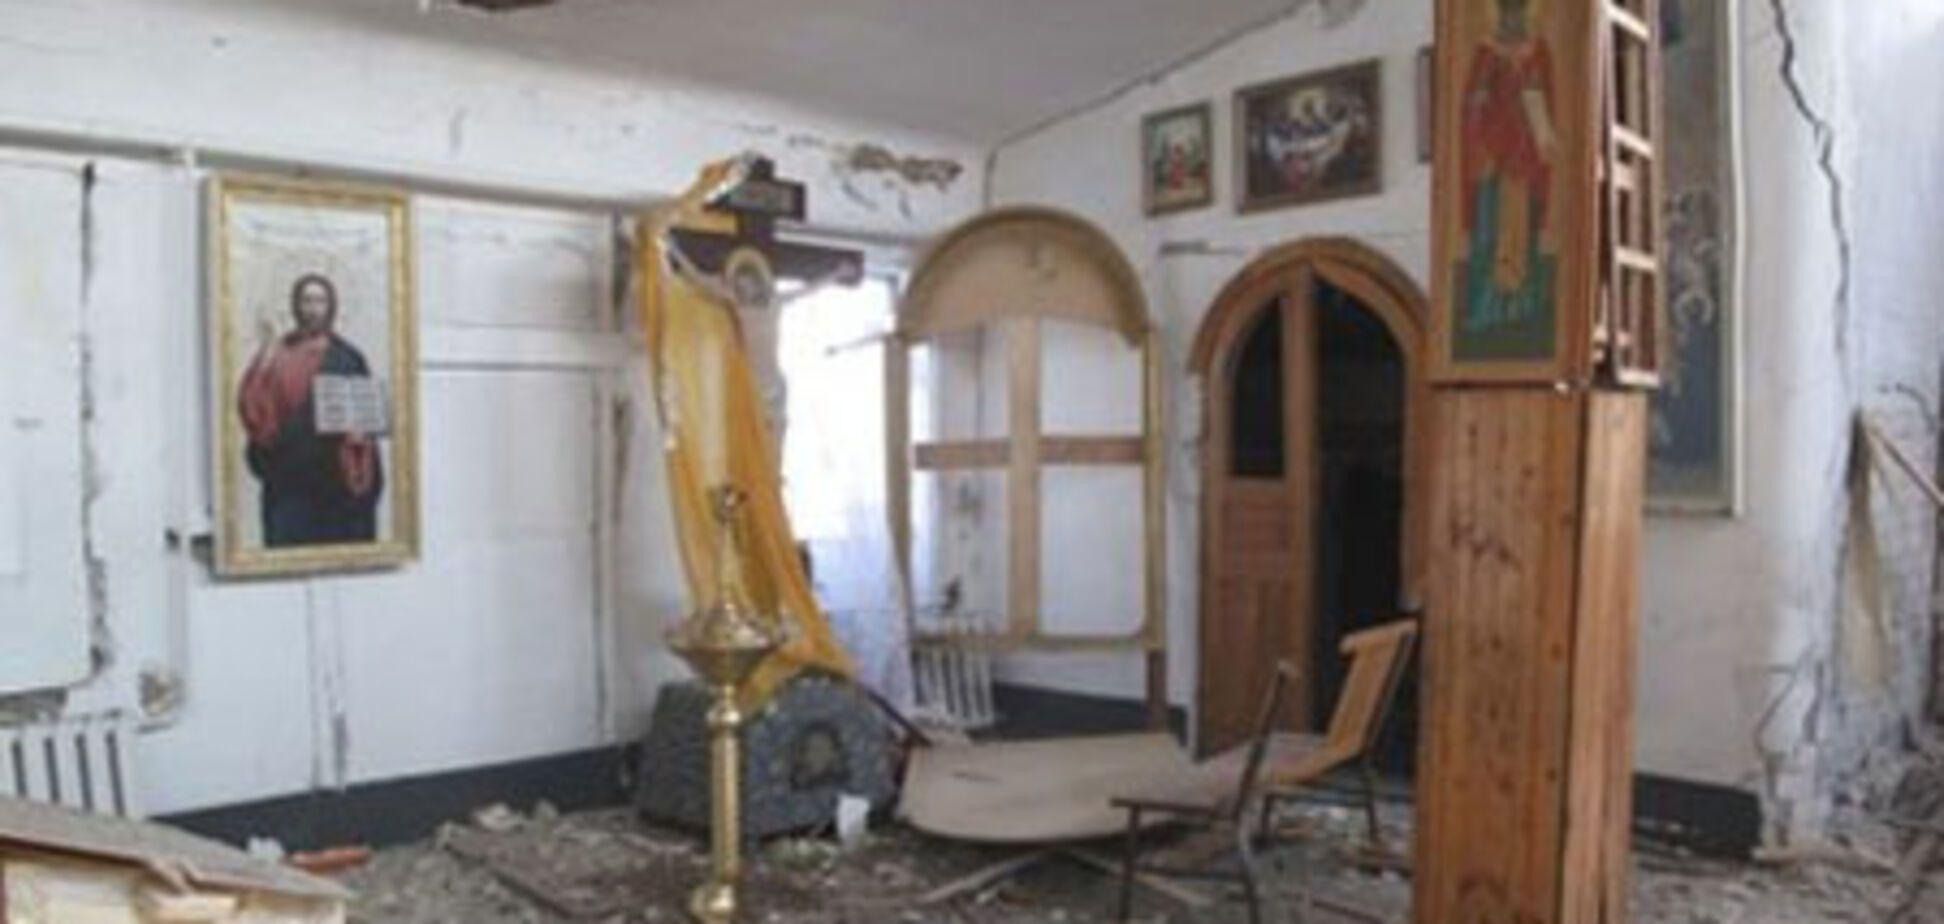 Дело о взрыве в запорожской церкви довели до суда